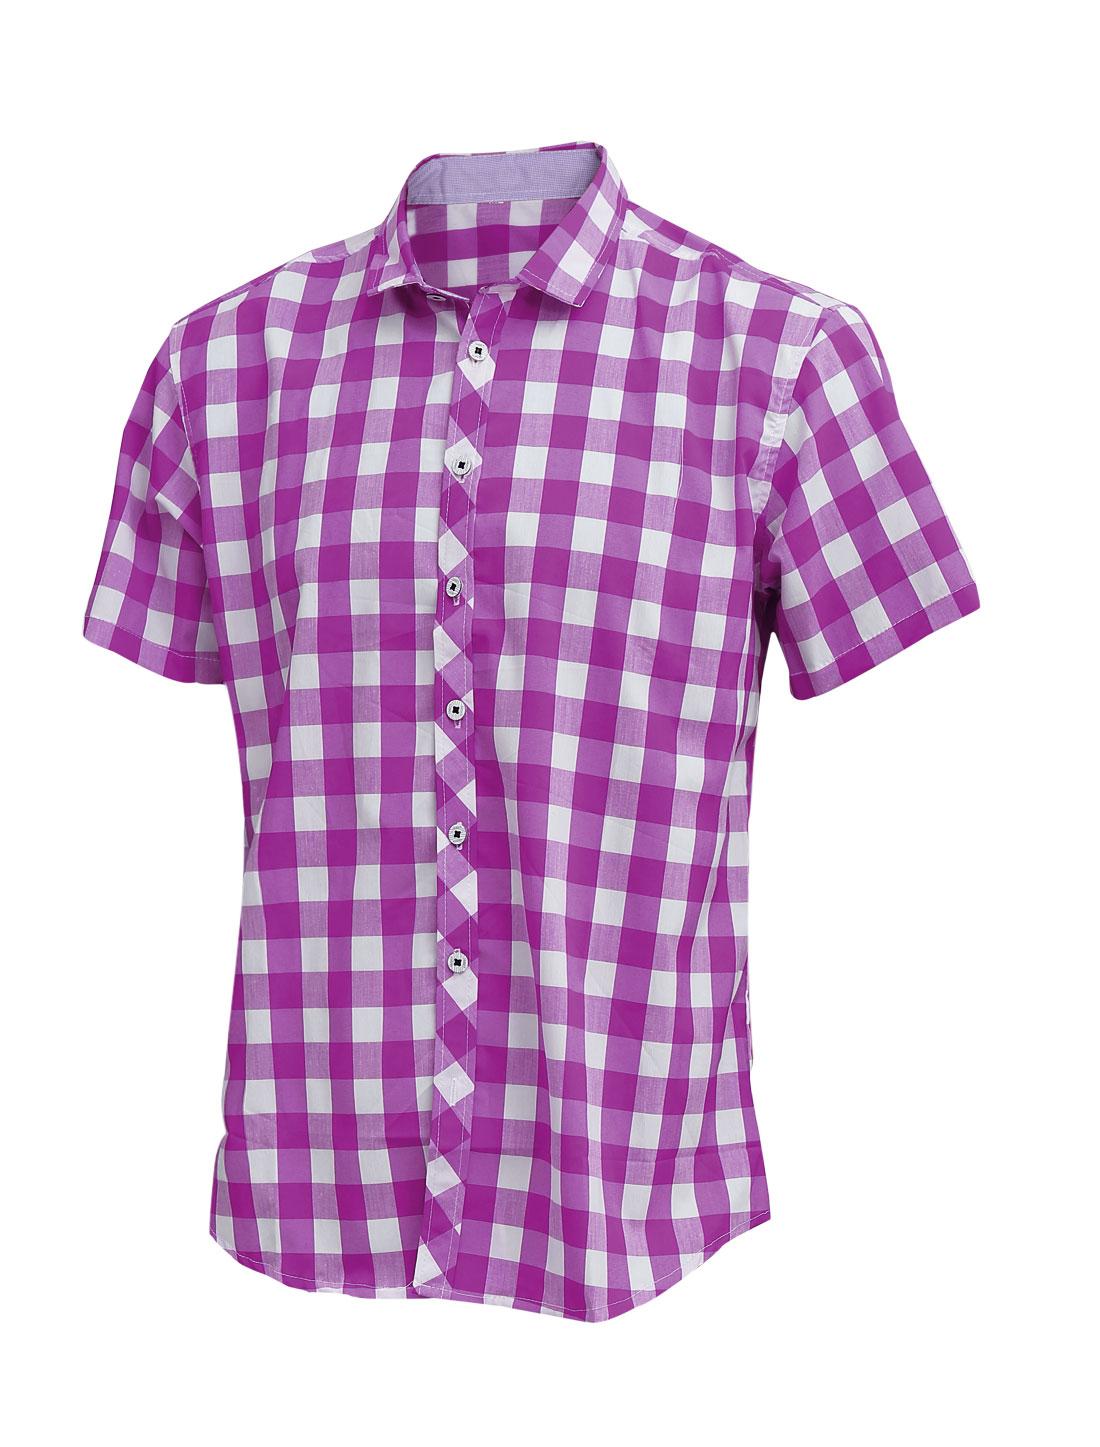 Men Summer Short Sleeve Button Up Plaids Pattern Shirt Purple M